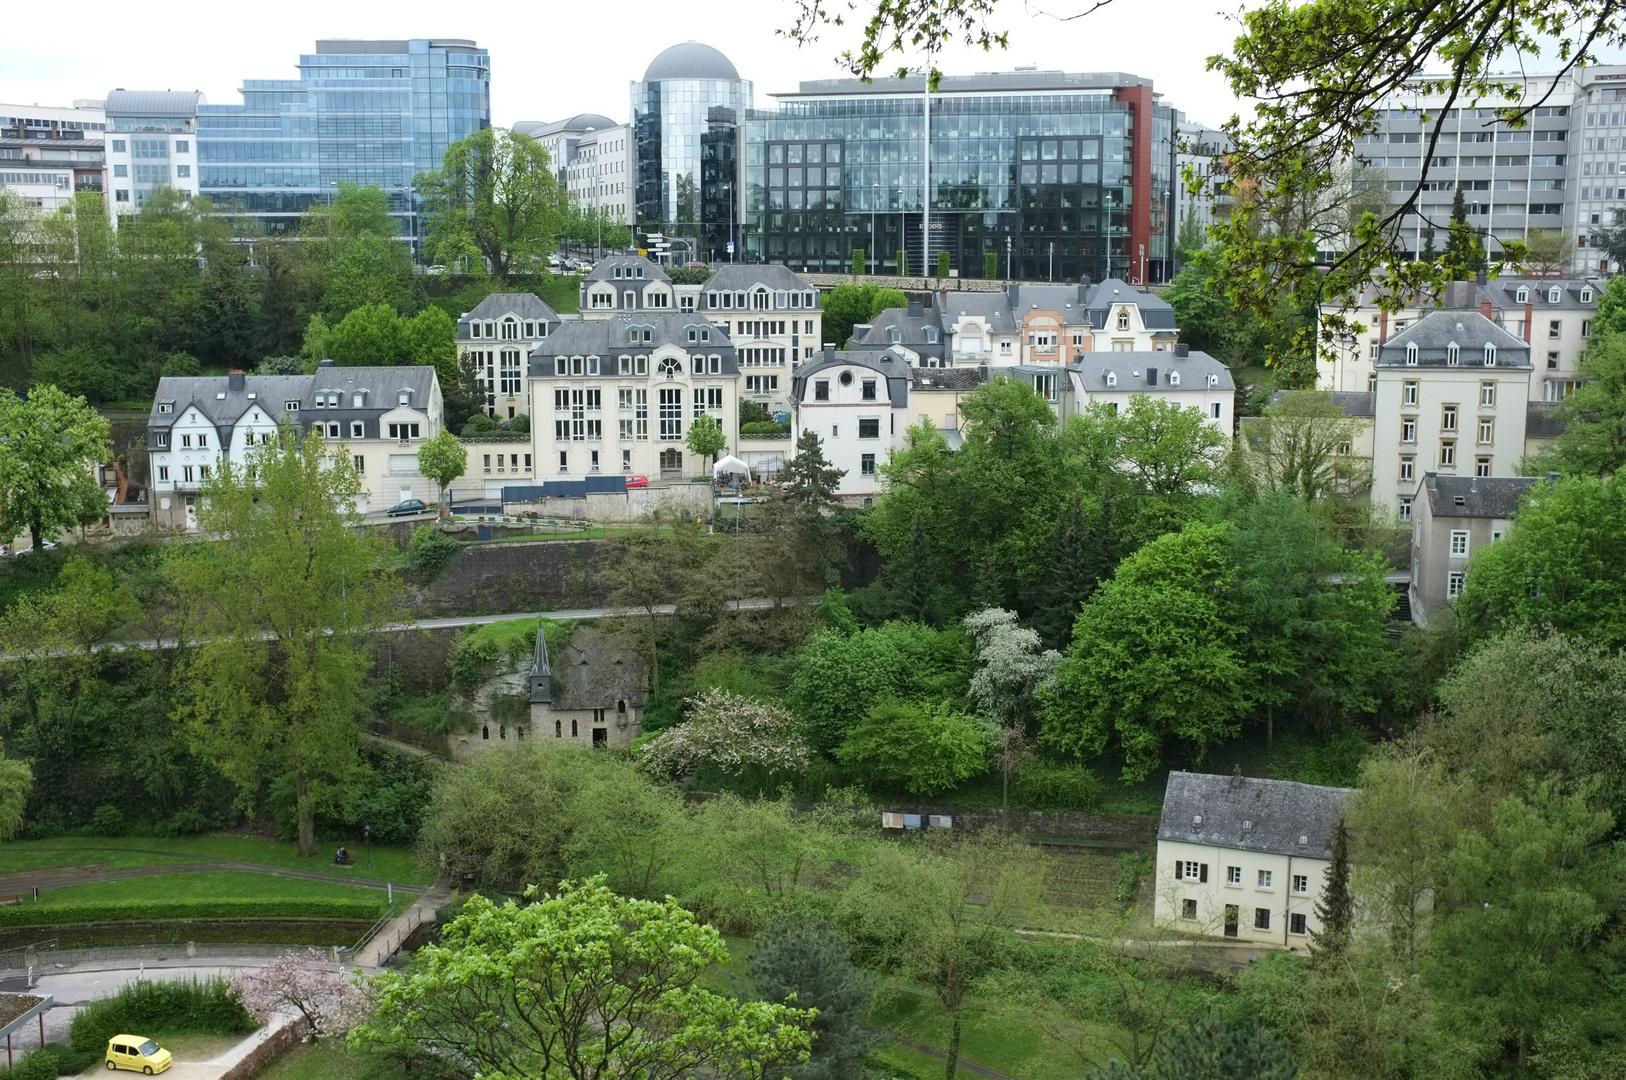 Blick auf die Stadt Luxemburg